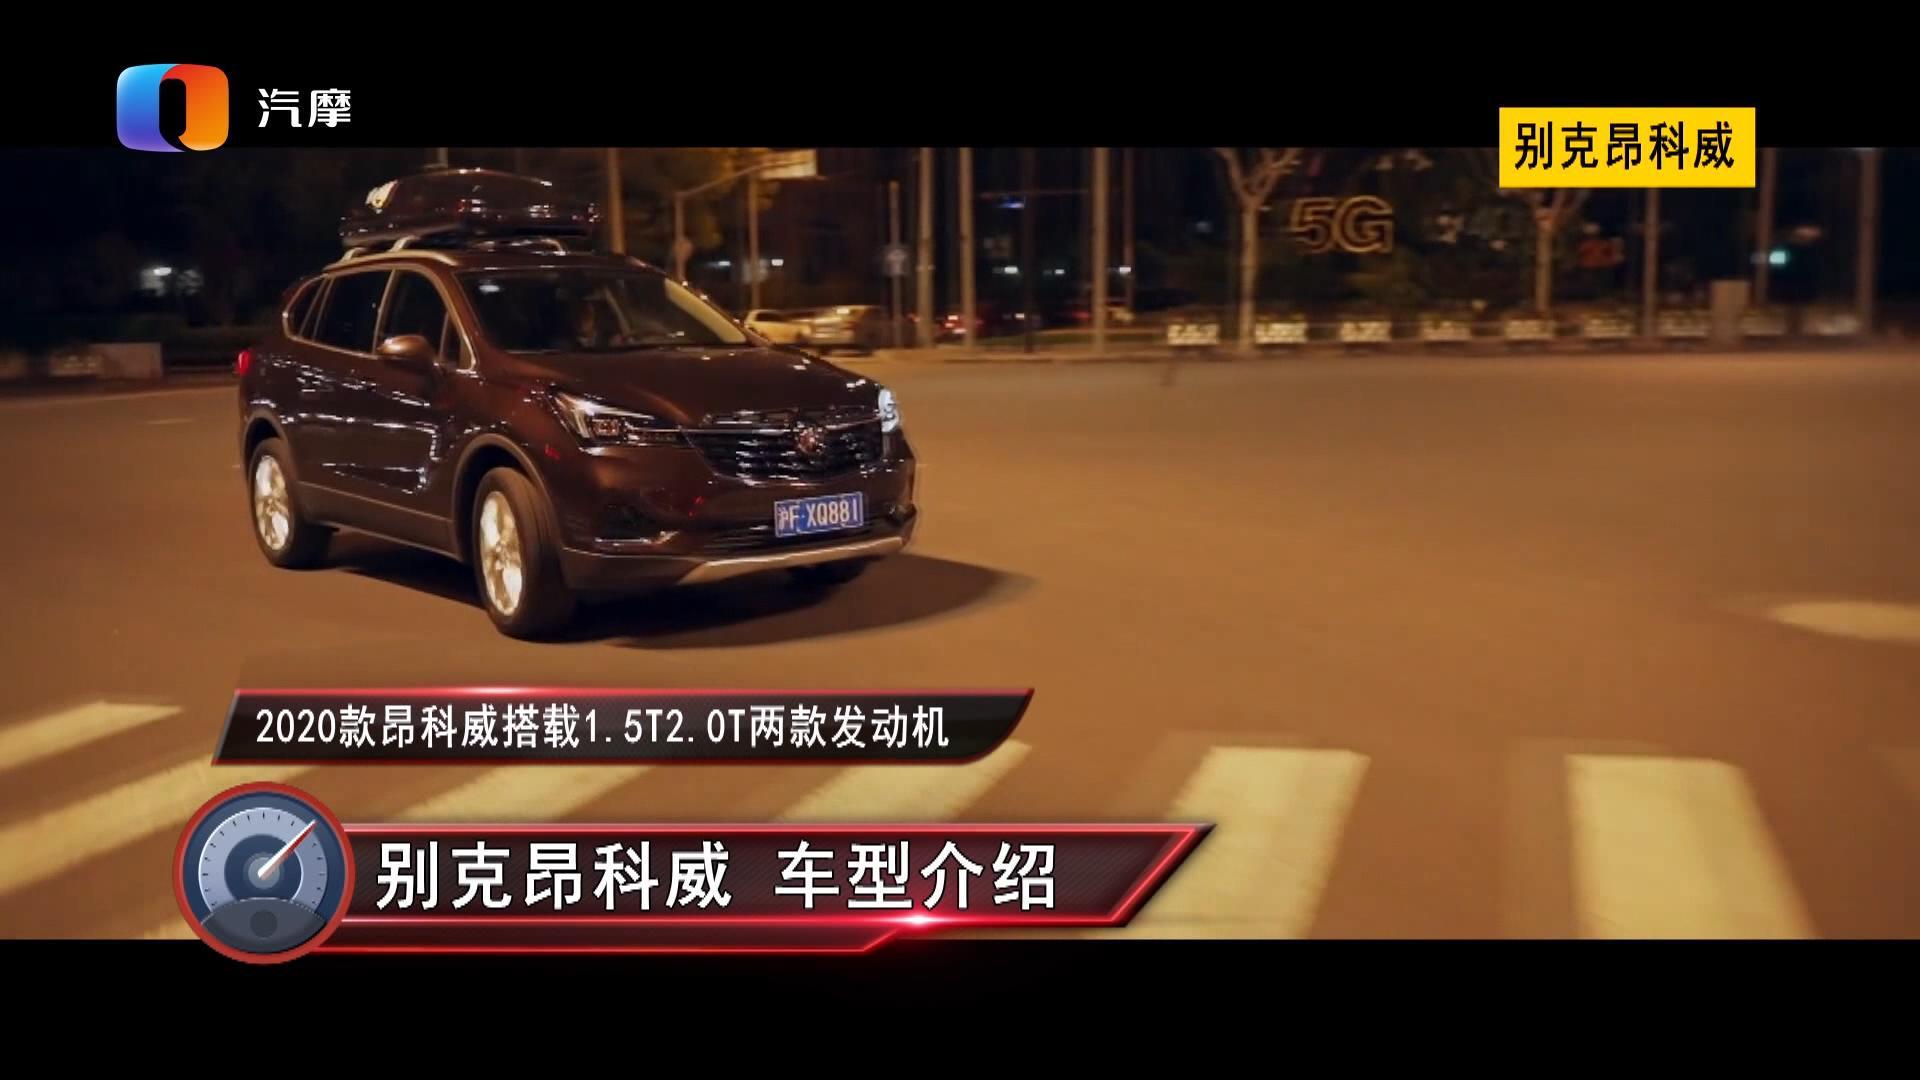 视频:昂科威1.5T怎么样?有同价位的竞品推荐吗?